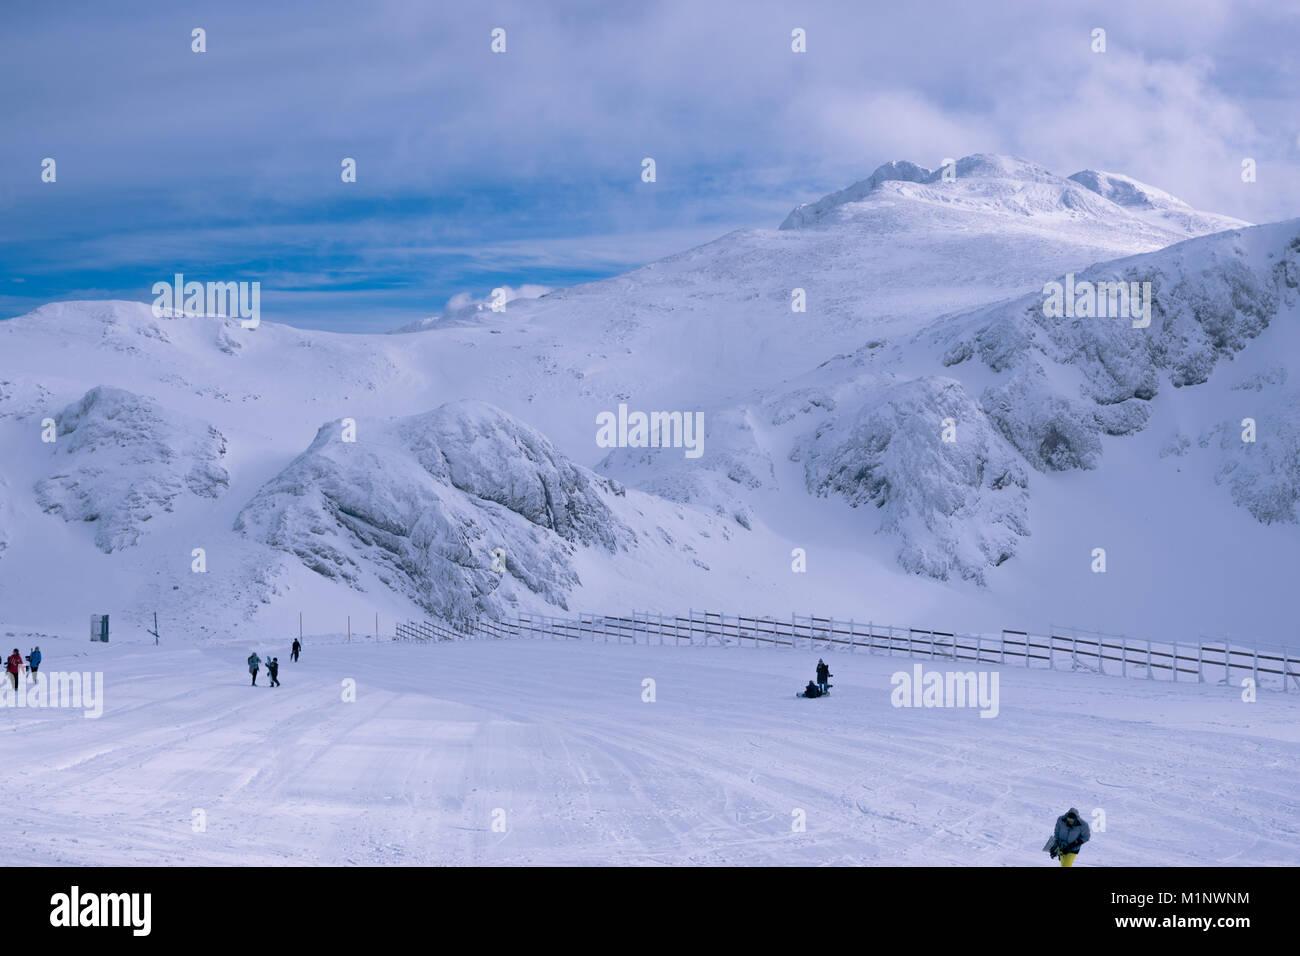 Bewölkt morgen auf ein Skigebiet im Winter Stockbild